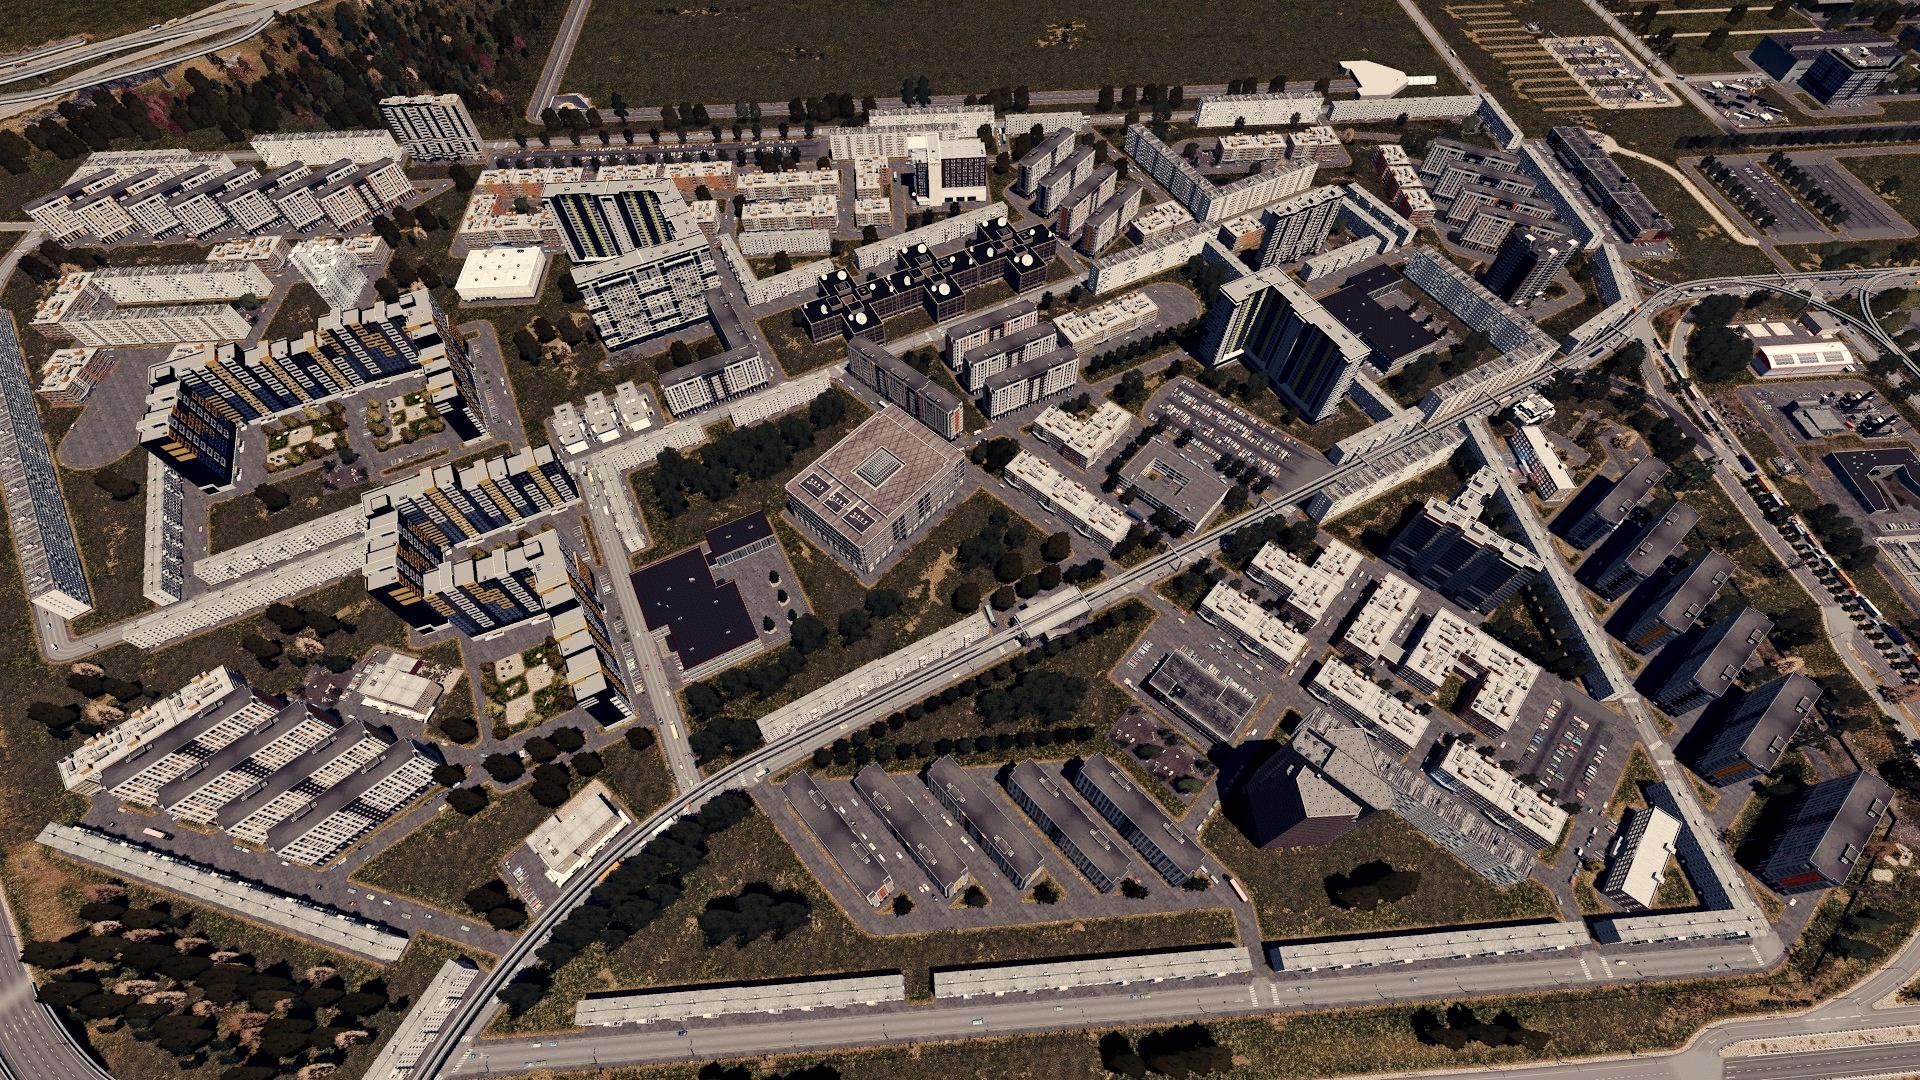 Djavolja Varos. (Maj complexe pétrolier p6, par industriel p5) à mettre à la corbeille sv - Page 3 180827112055661502